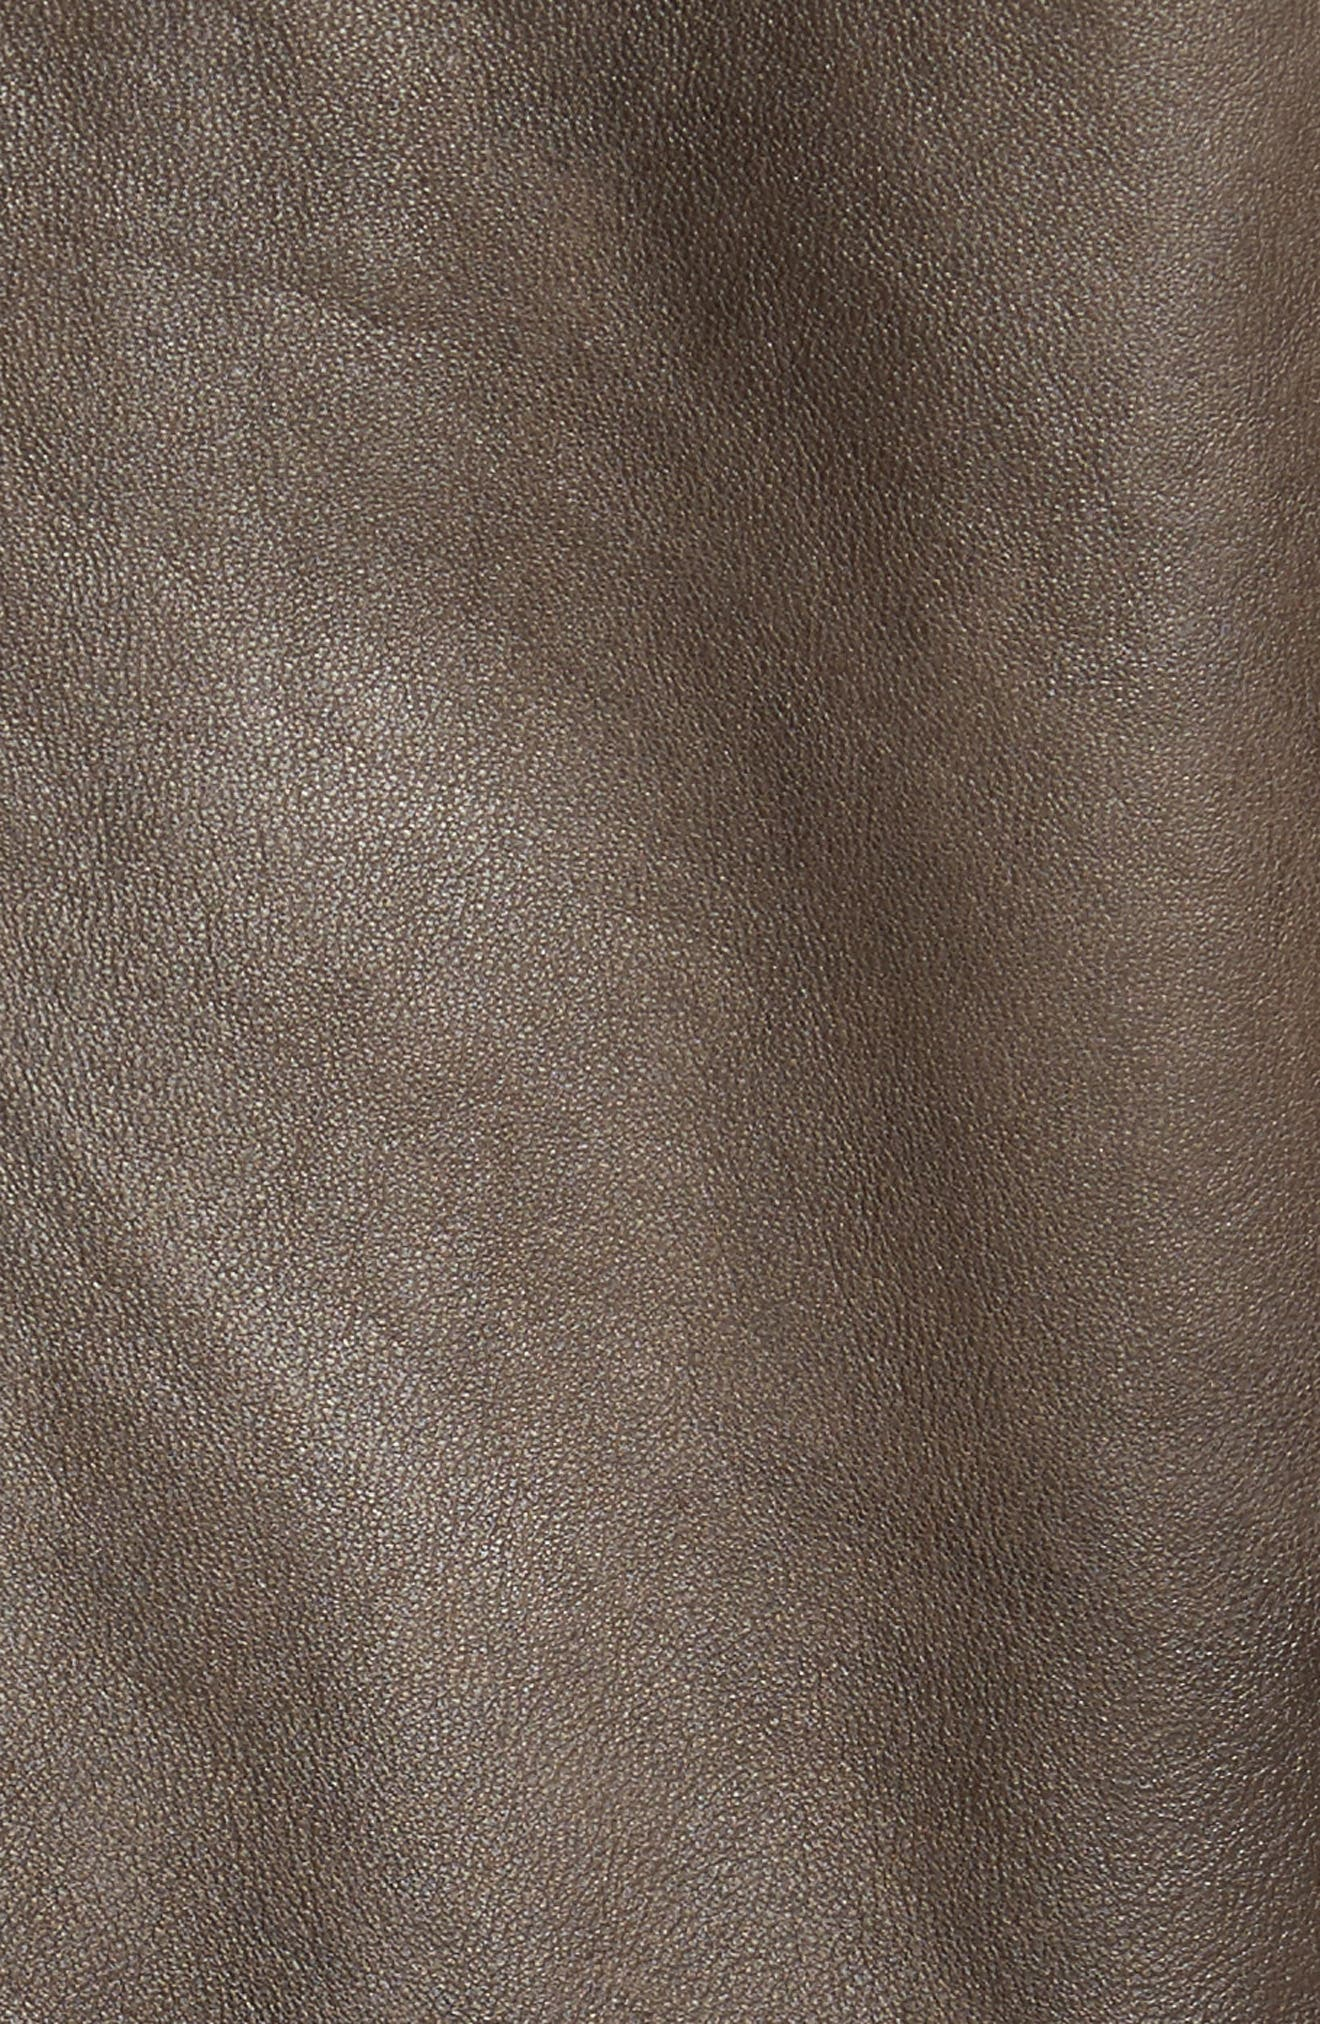 Washed Lamb Leather Moto Jacket,                             Alternate thumbnail 12, color,